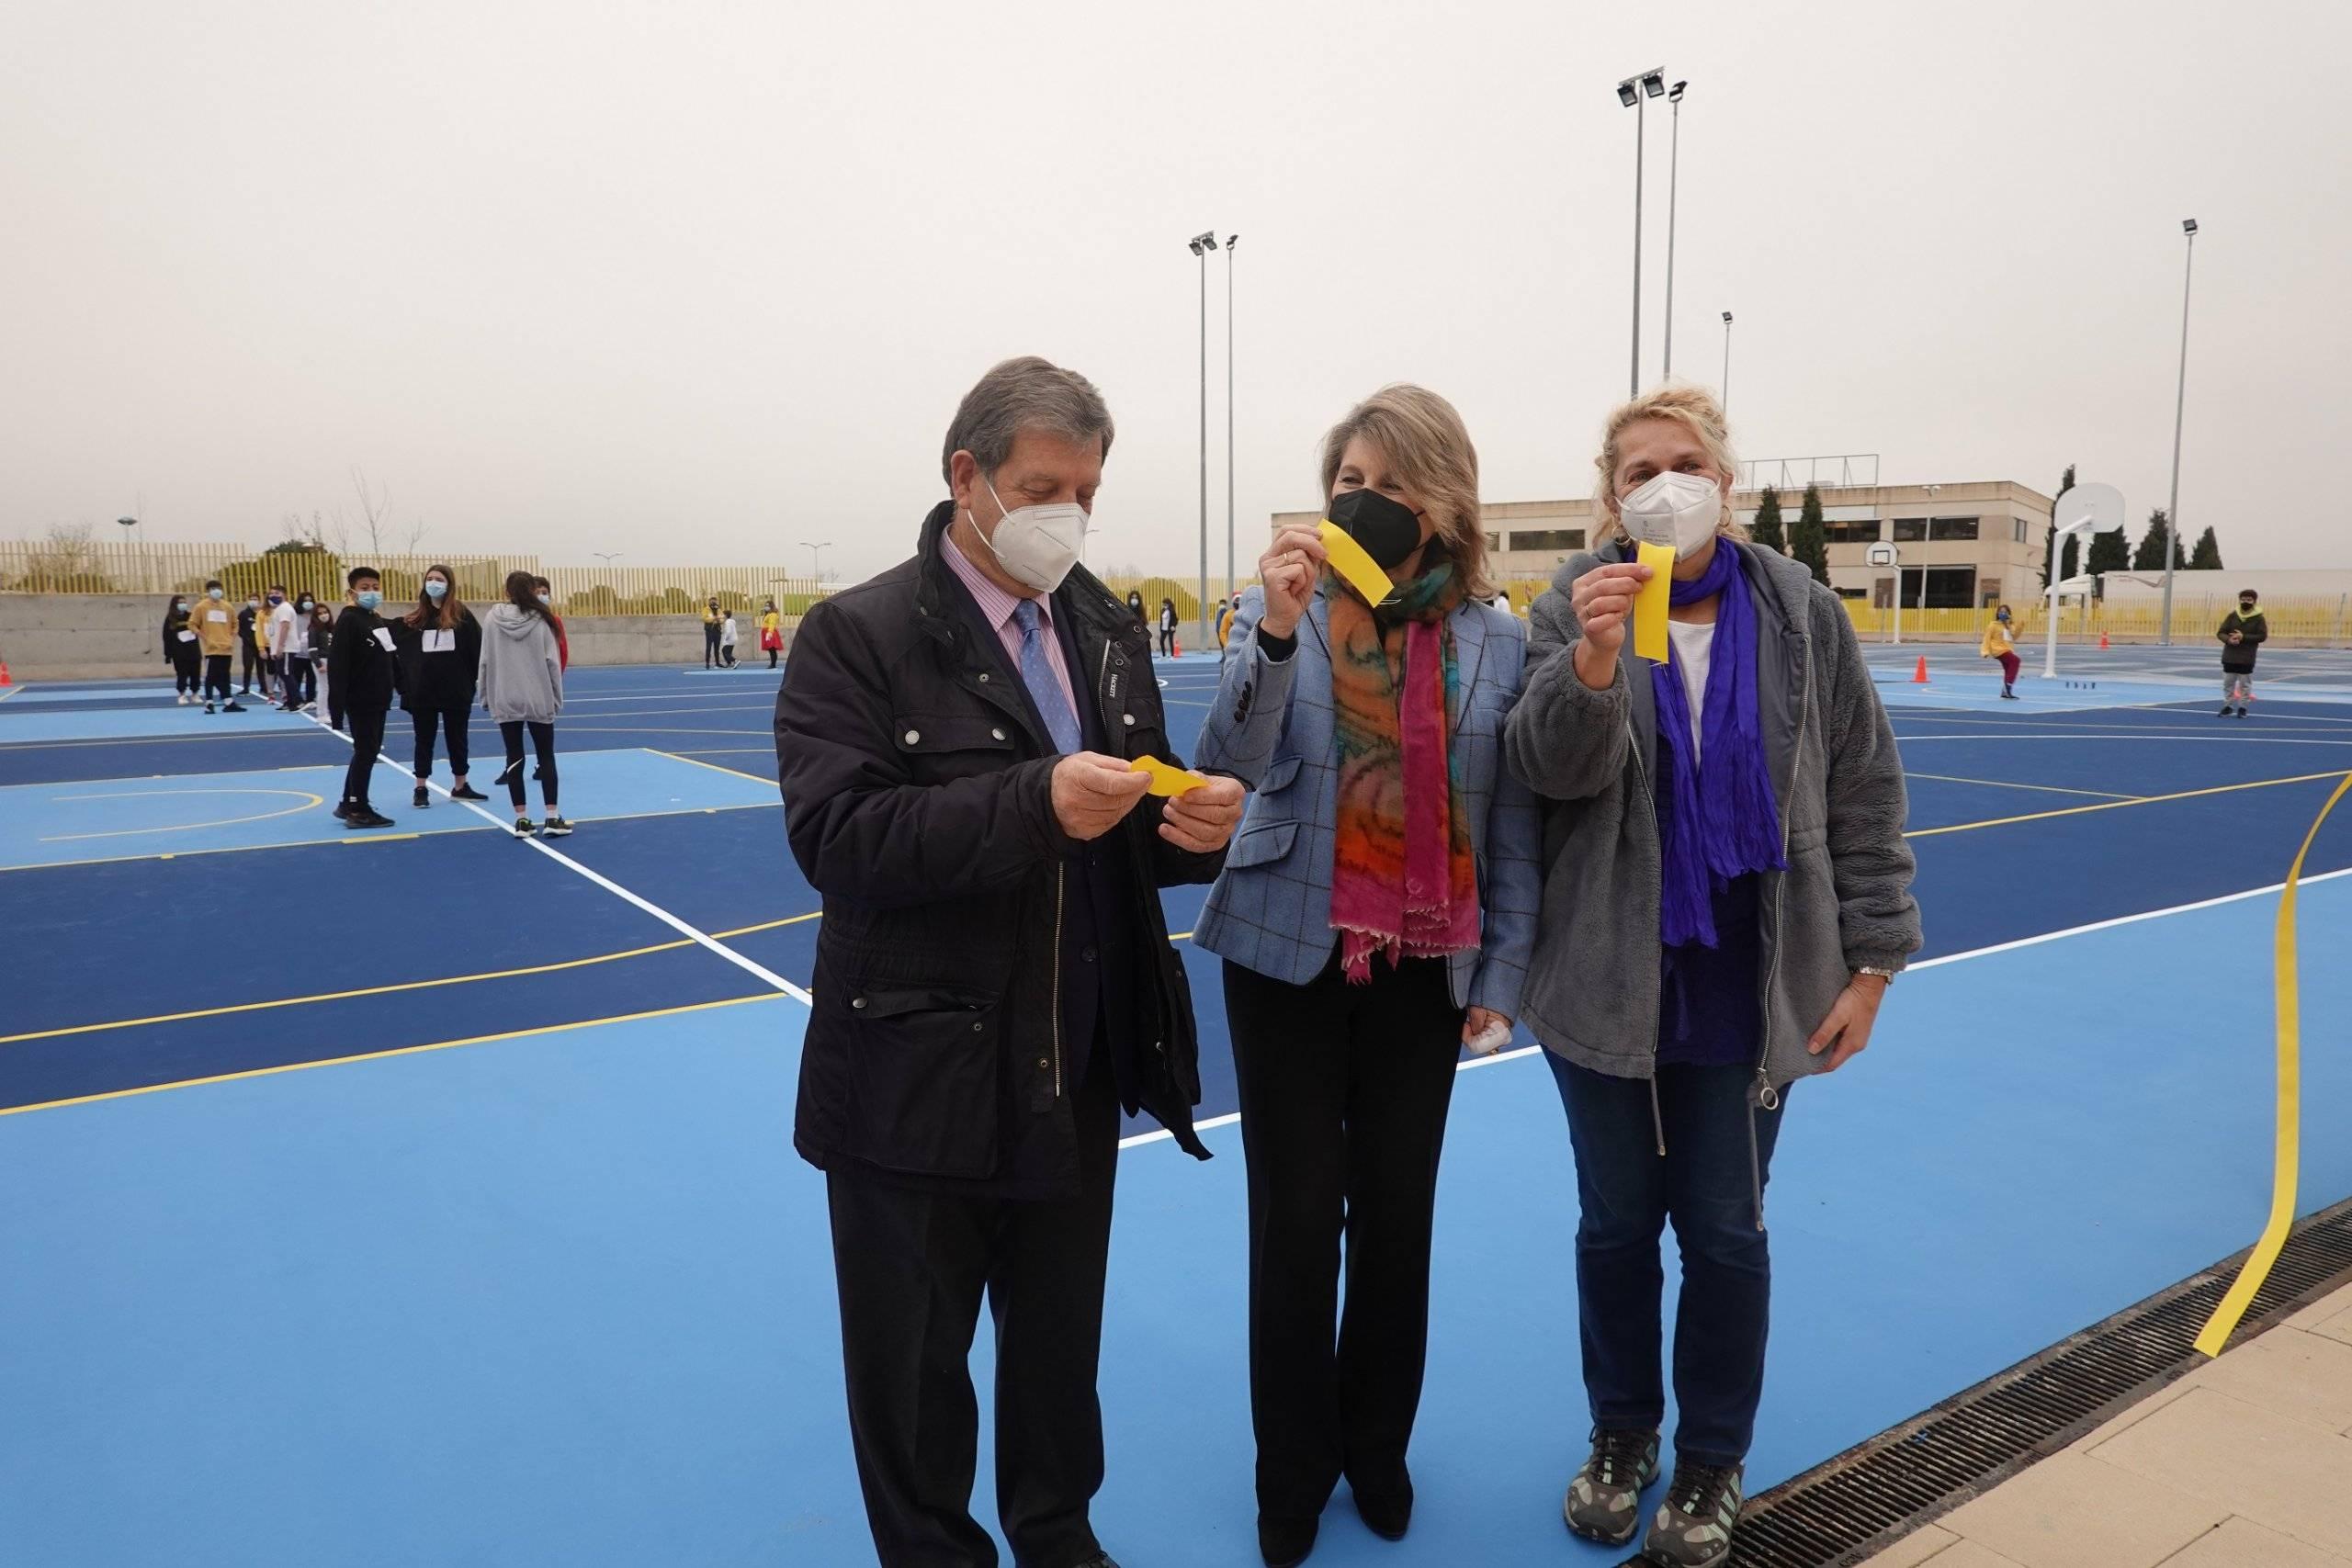 El alcalde, junto a la presidenta de la Fundación Horizontes Abiertos- Padre Garralda y la directora del CEIPSO Padre Garralda.